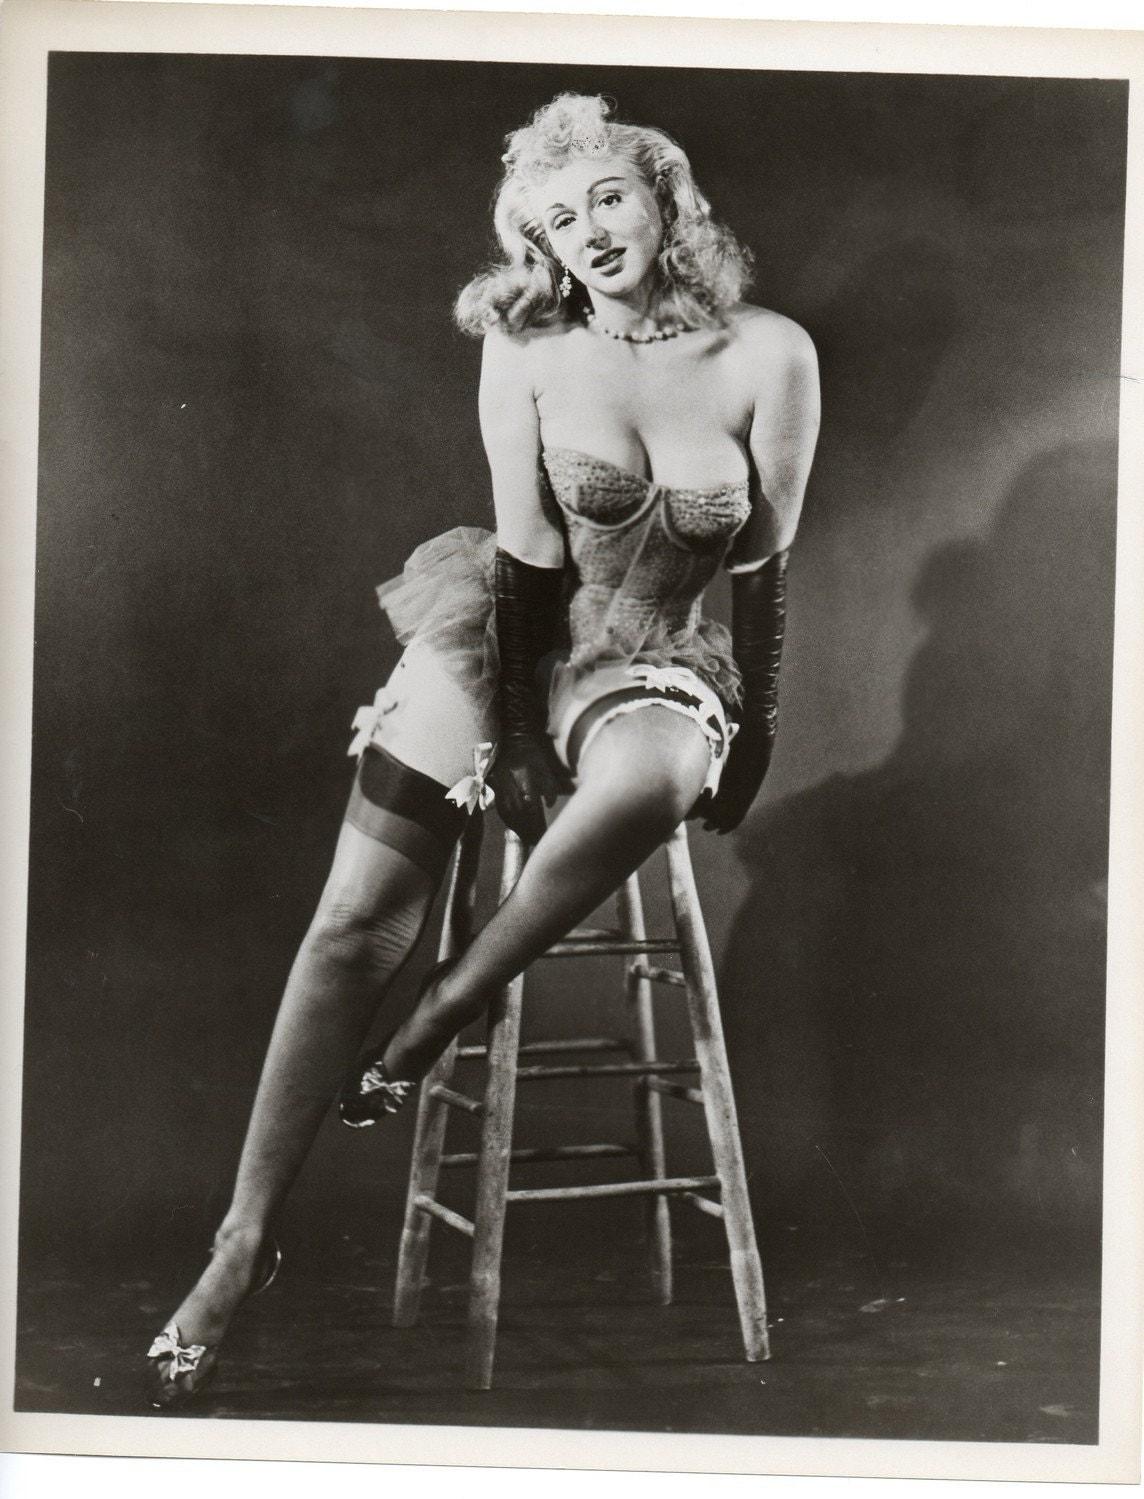 1950s adult photo